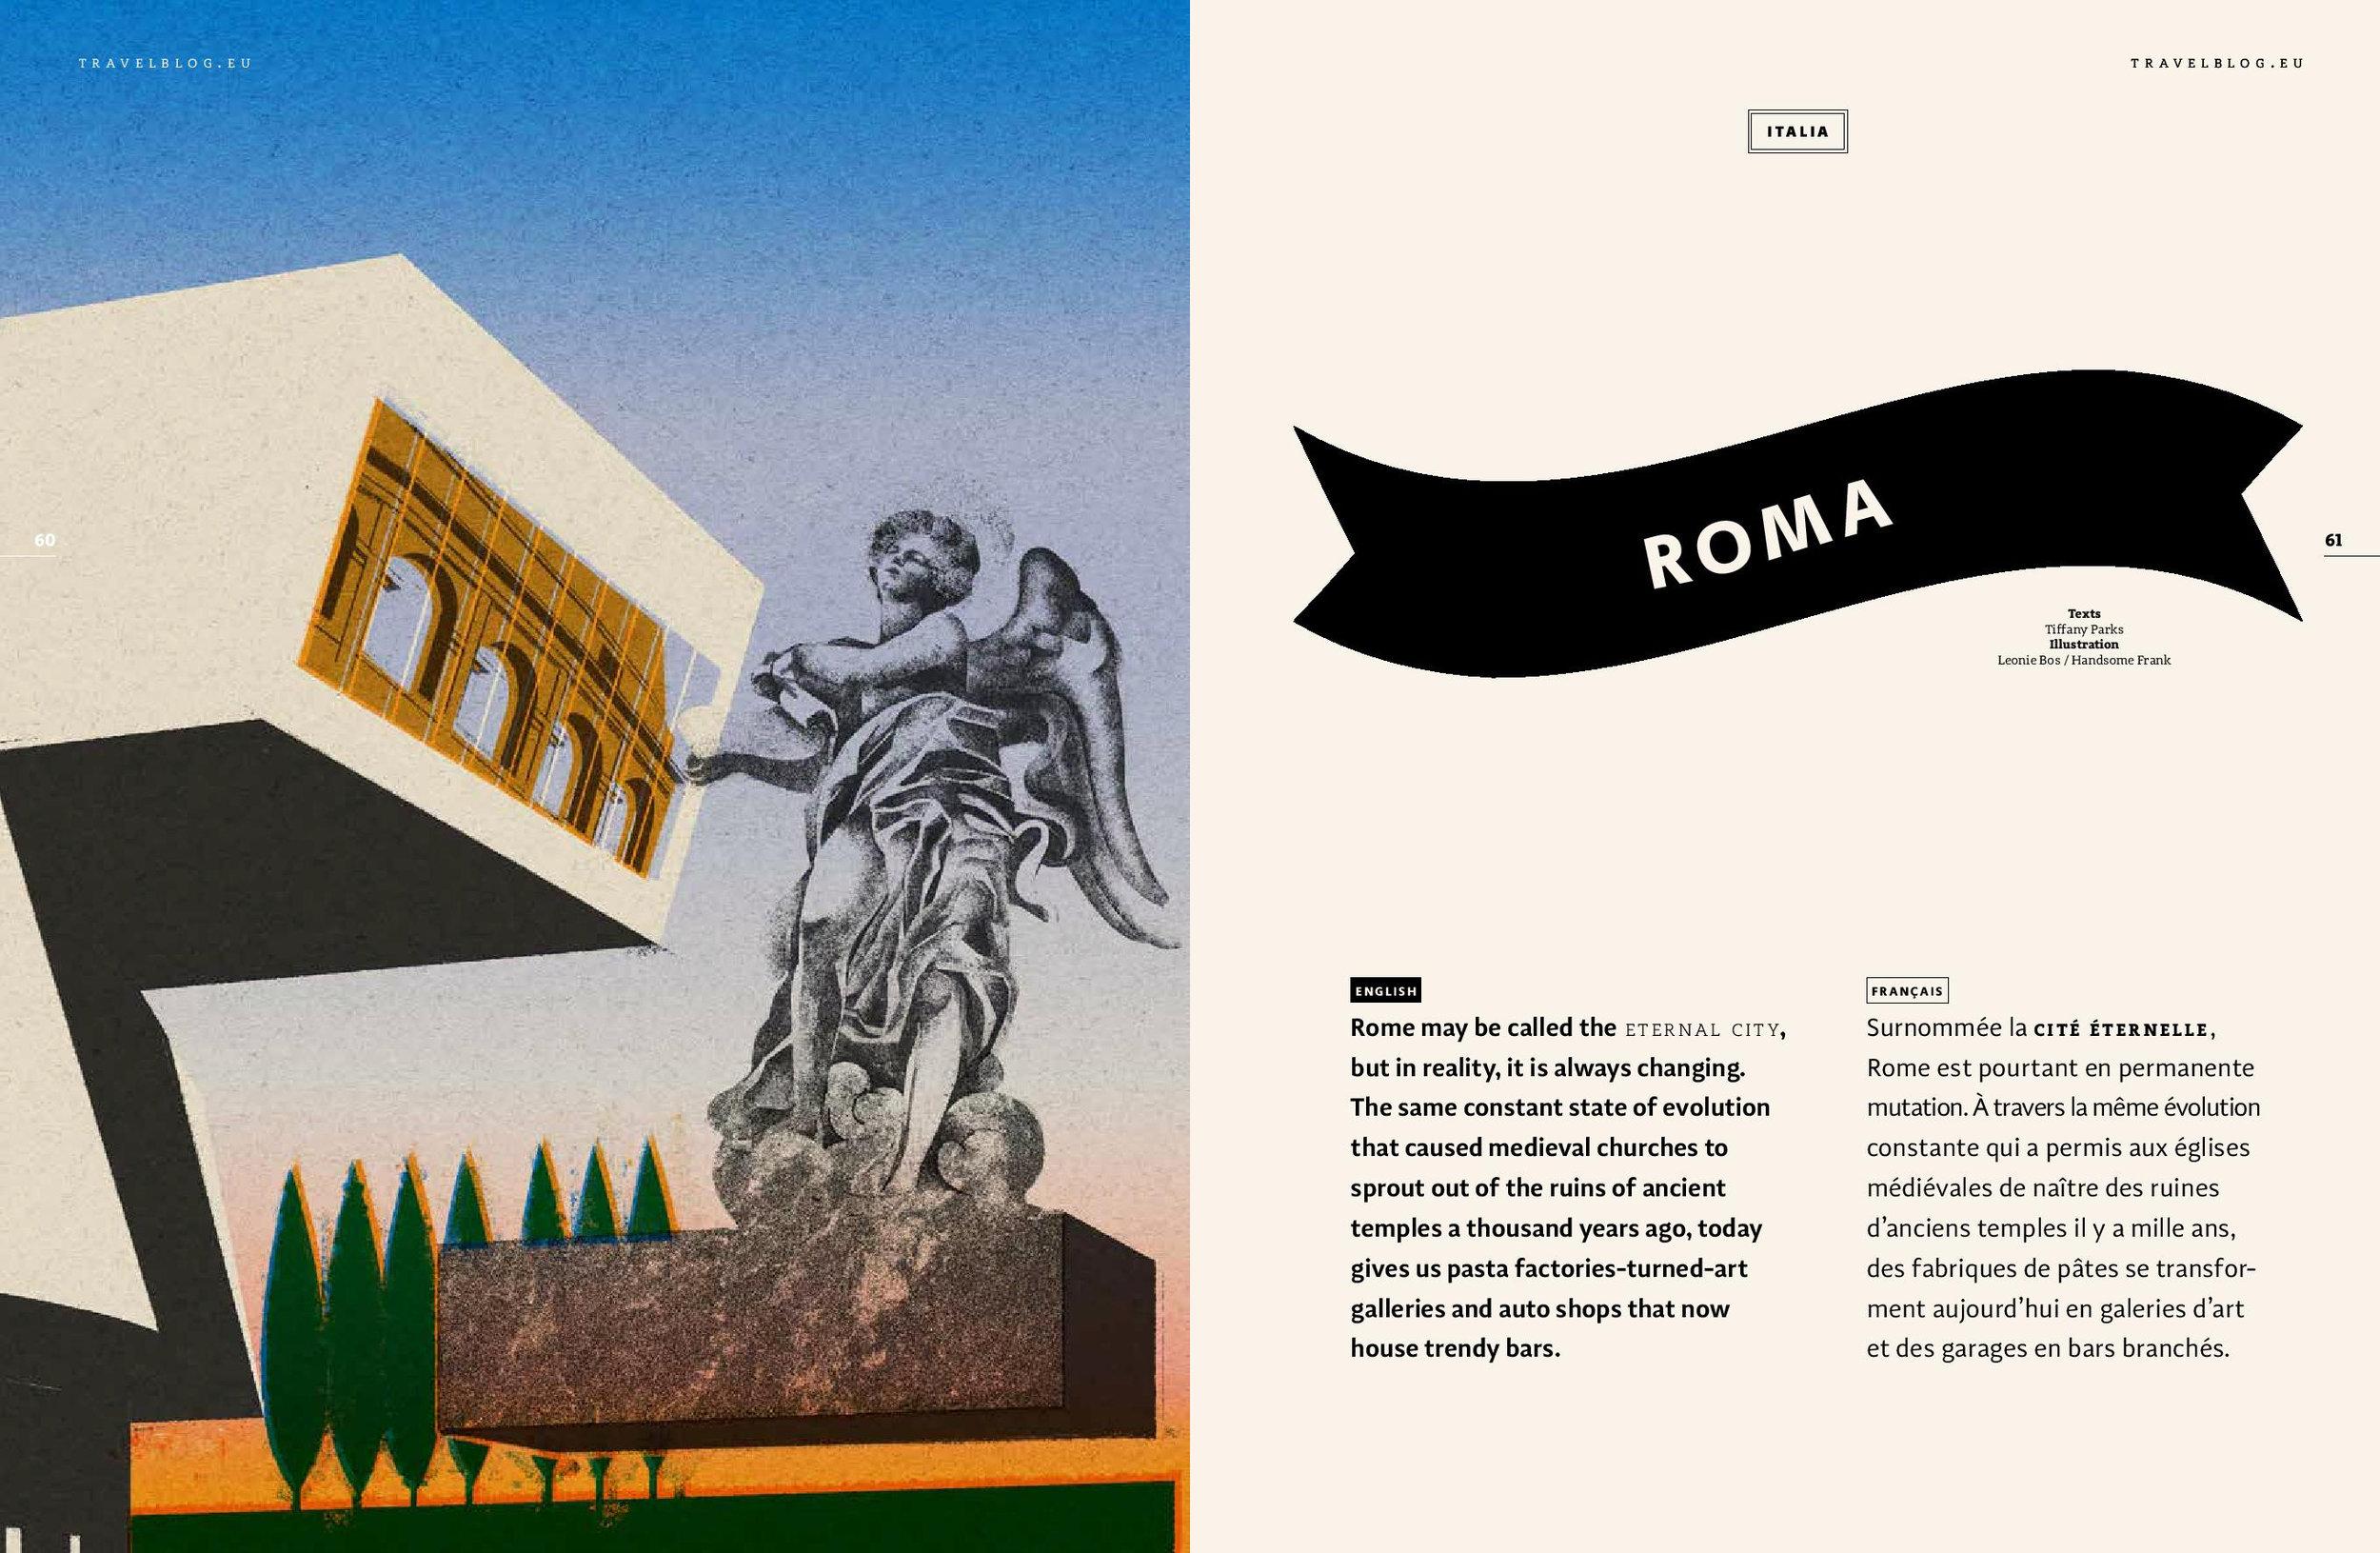 Roma-Coverstory-Flydo-2016-no4-spread.jpg